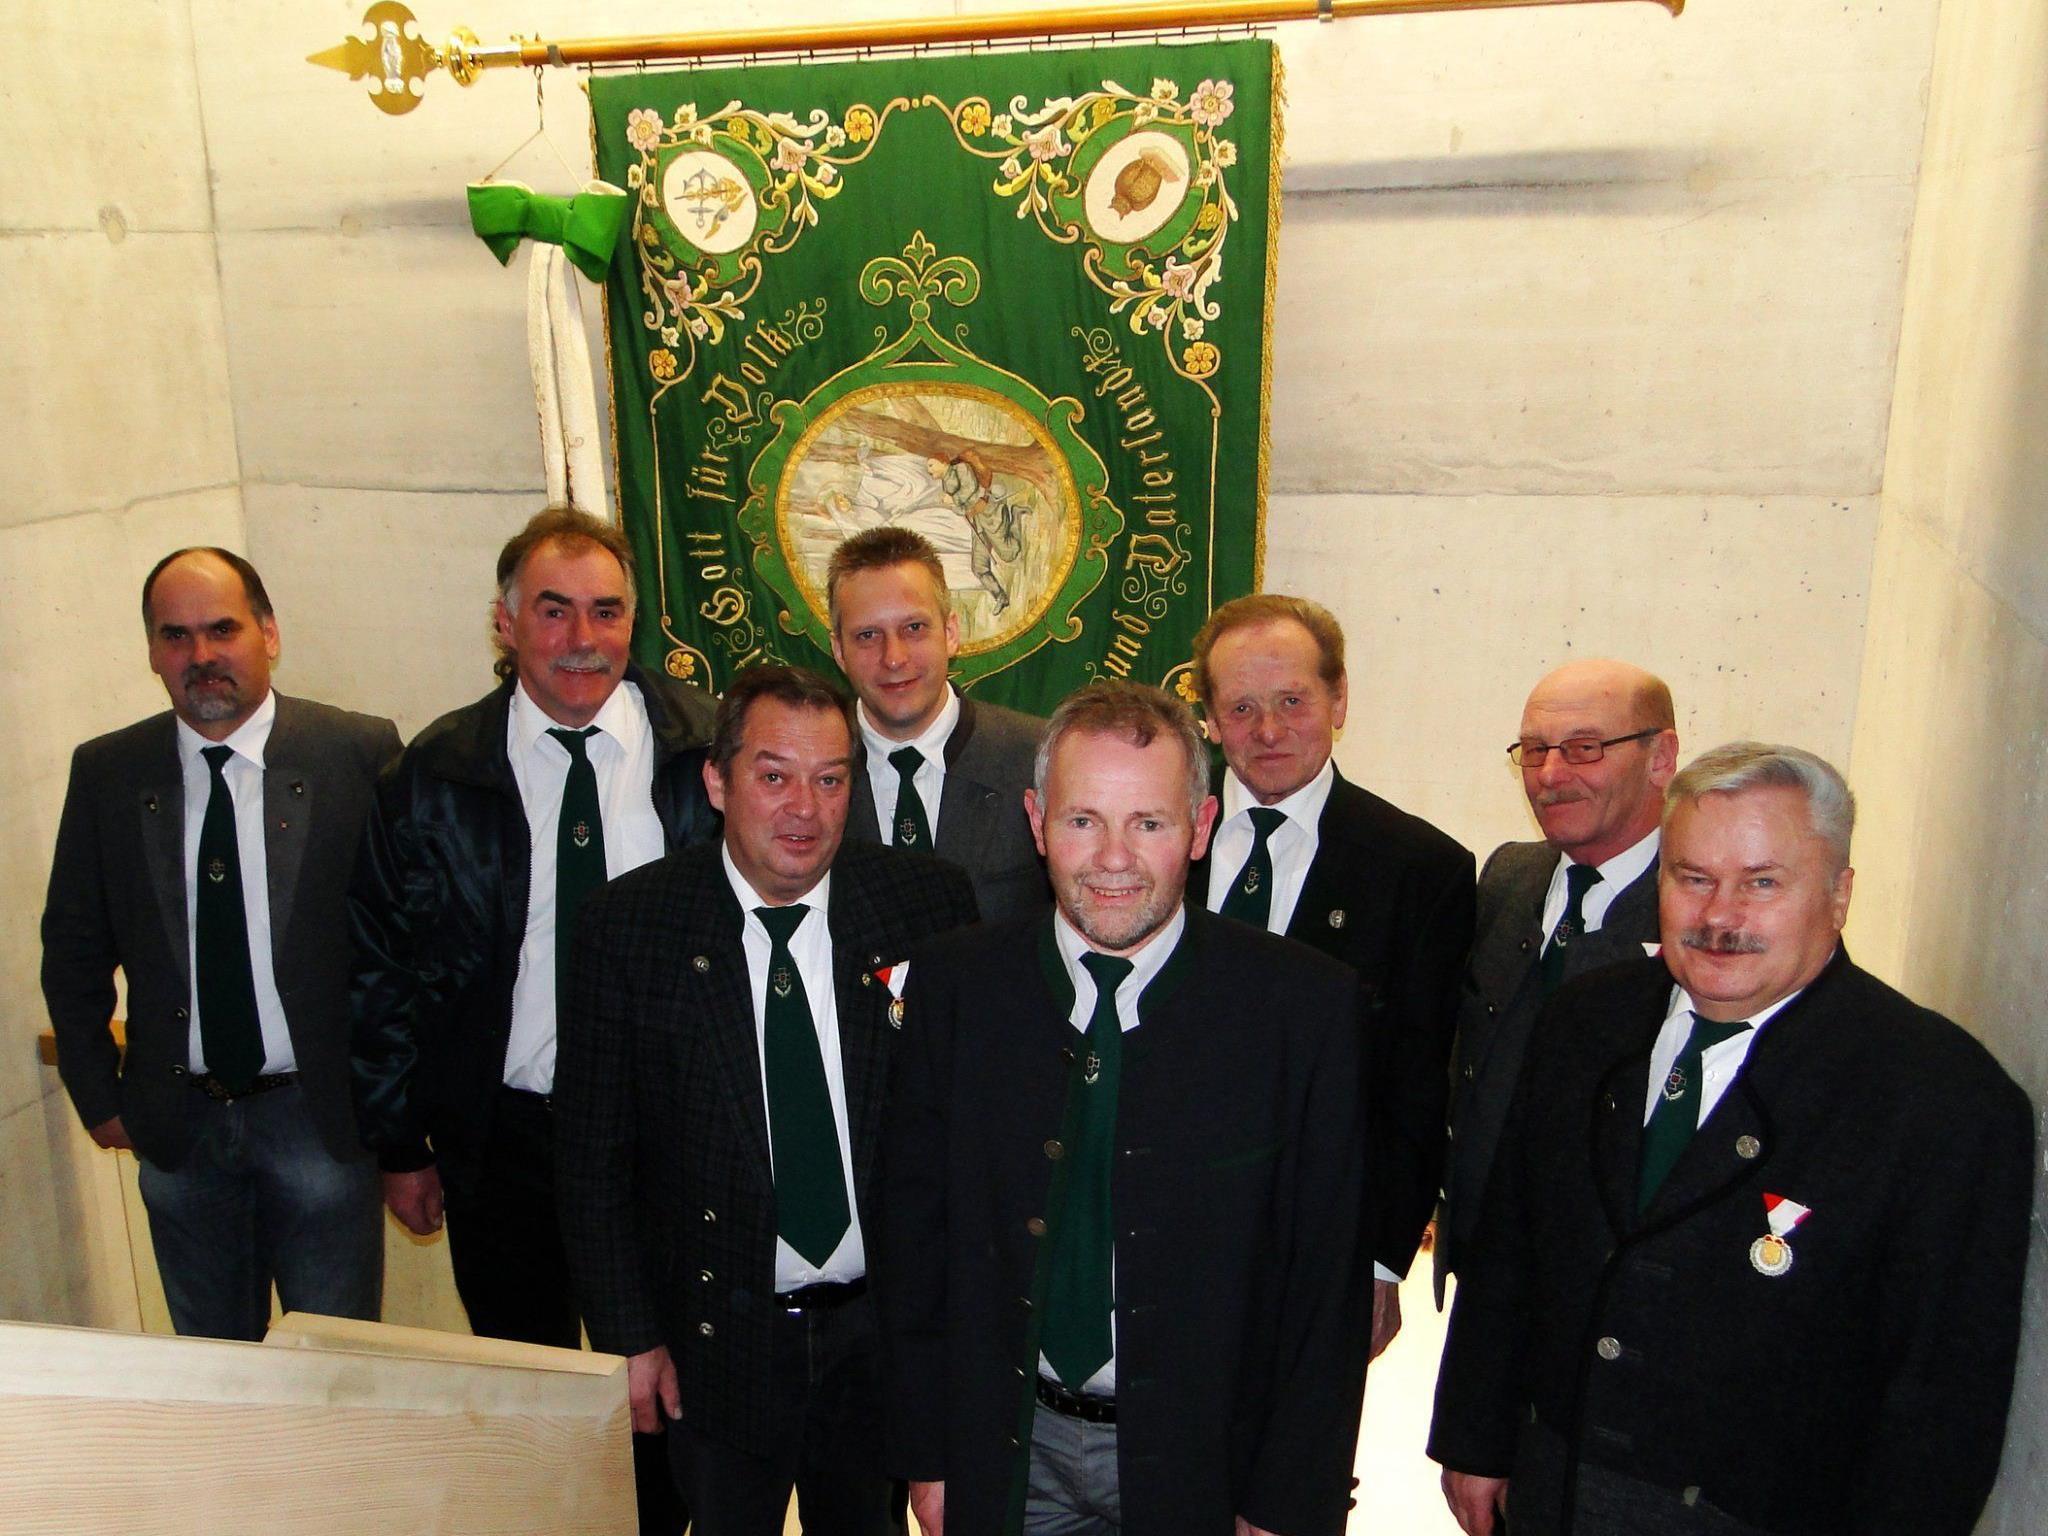 Ausschuss und Fähnriche des Kameradschaftsbundes Sulzberg feiern den Umzug ins neue Vereinsquartier